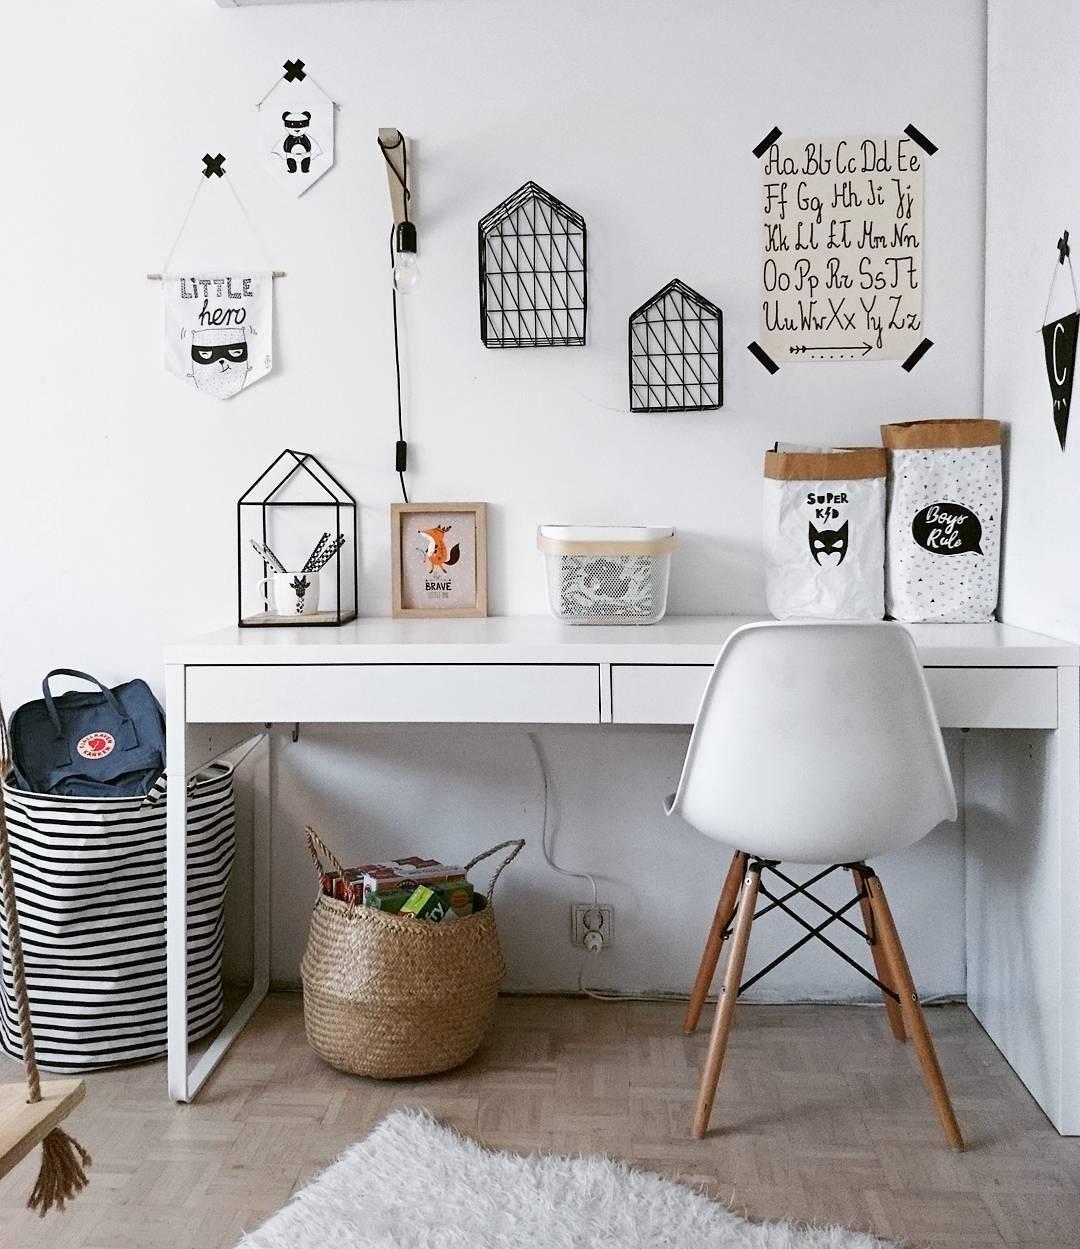 aufbewahrungskorb seagrass home office arbeitsplatz inspirationen pinterest arbeitszimmer. Black Bedroom Furniture Sets. Home Design Ideas